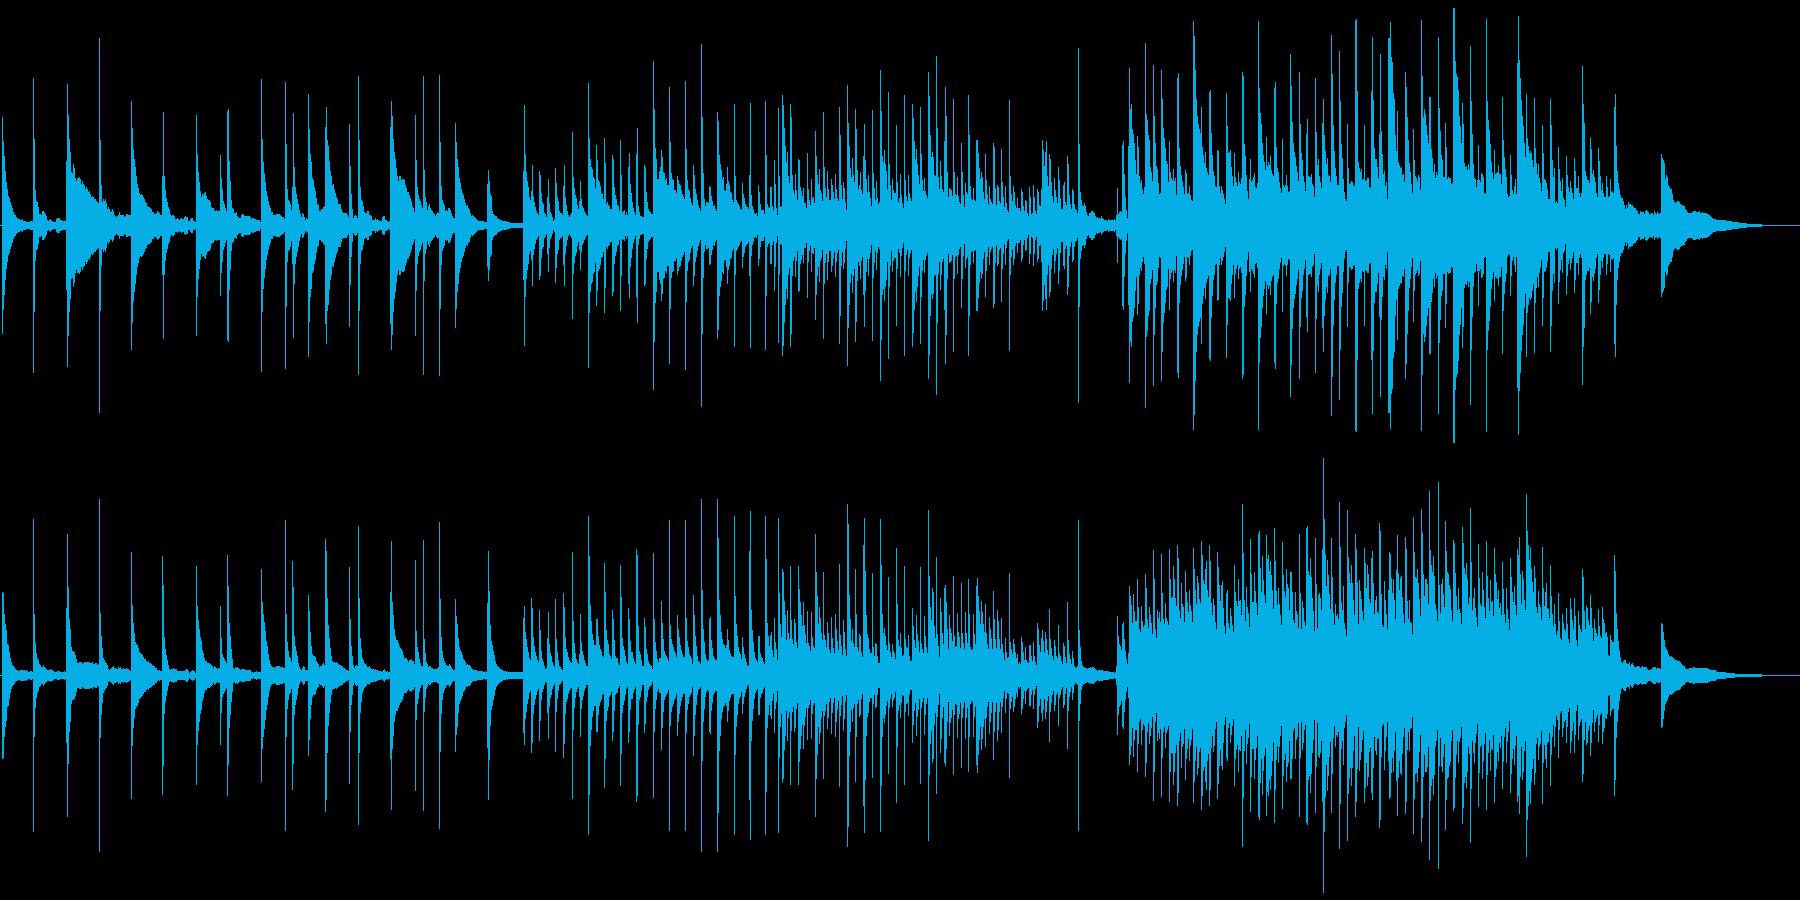 澄み切ったピアノソロのポジティブ透明感の再生済みの波形